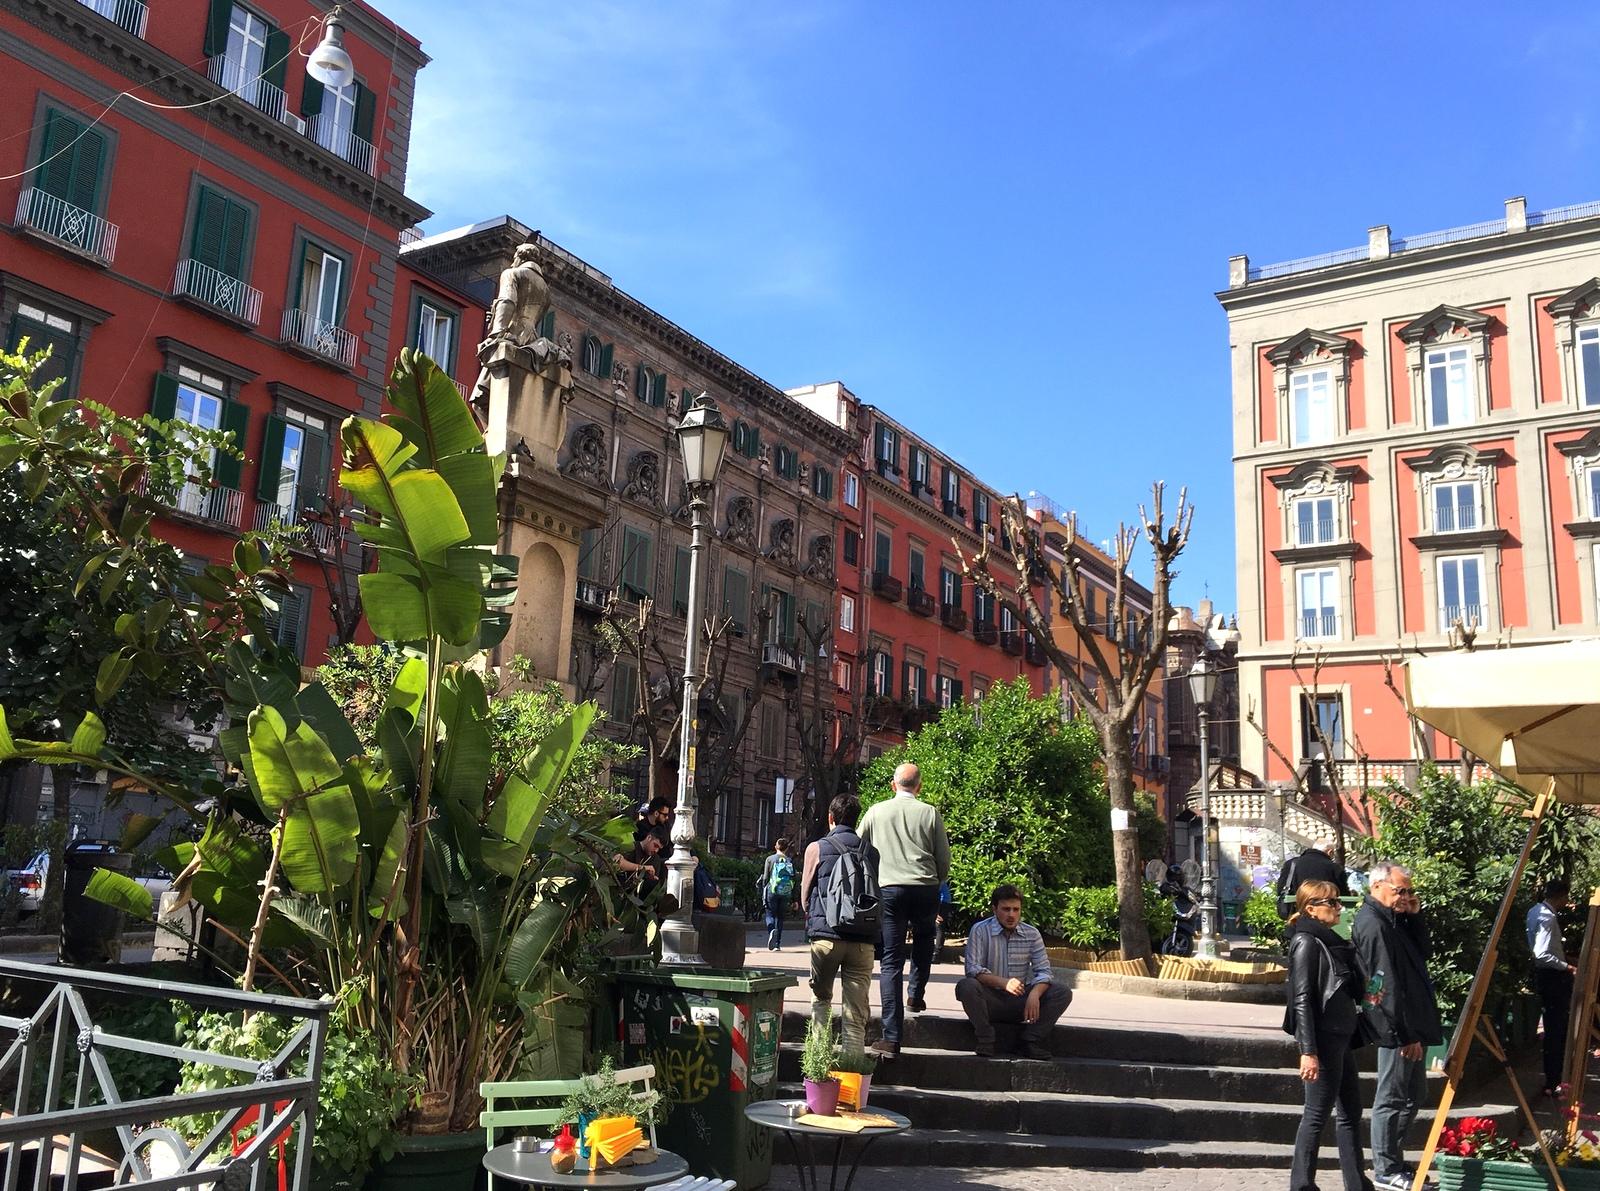 Neapel und Apulien   eine lohnenswerte Kombination staedtereisen sonne reisebericht new italien  TUI Berlin Italien Neapel Piazza Bellini Reisebericht